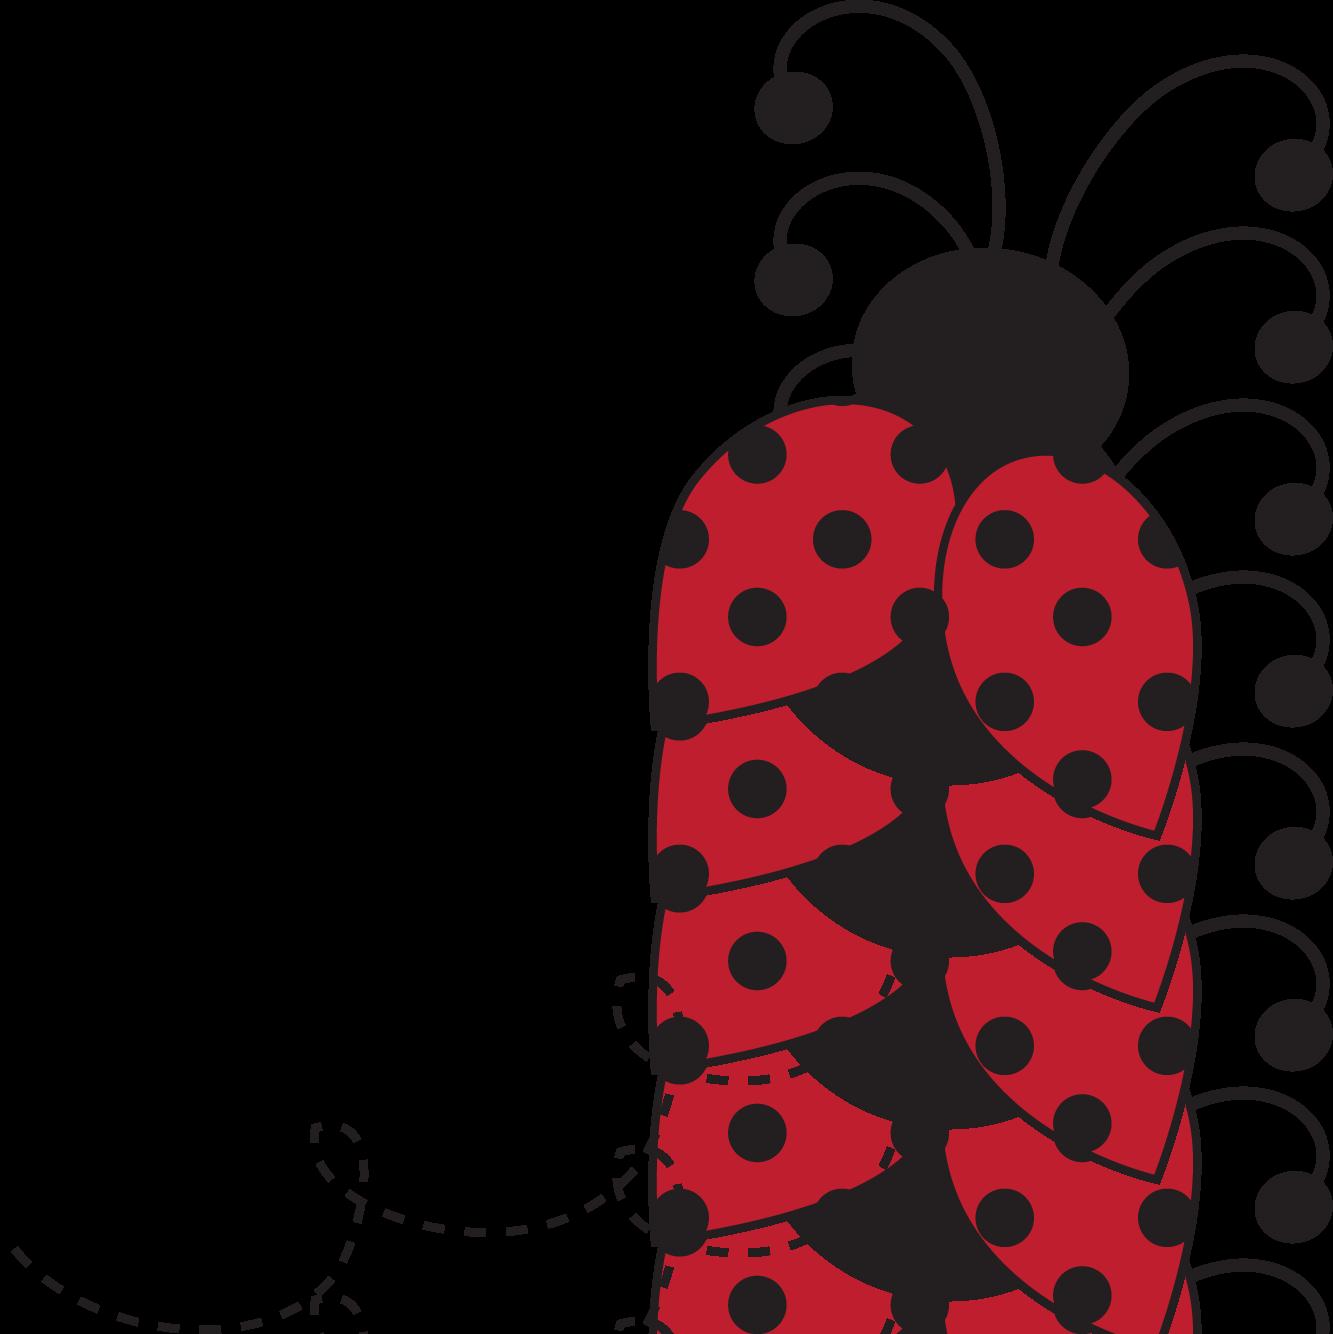 Mariquitas resultados de yahoo. Ladybugs clipart good luck symbol